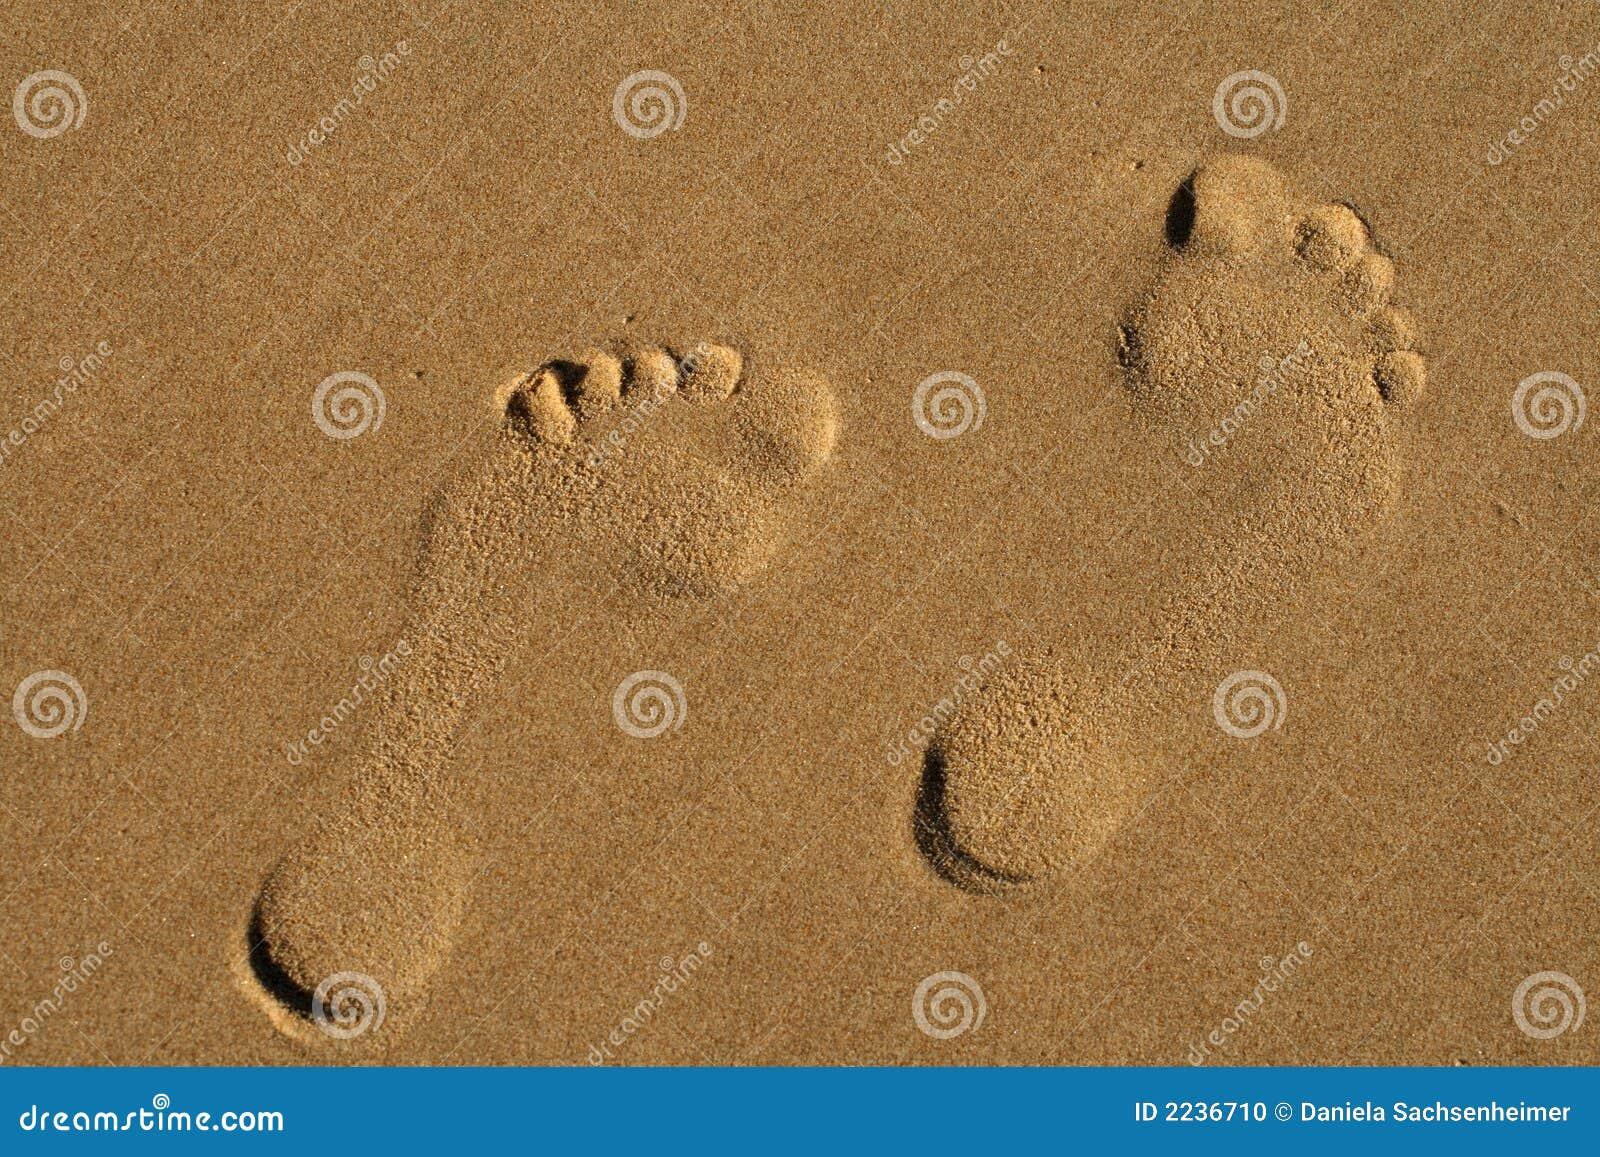 ślady stóp